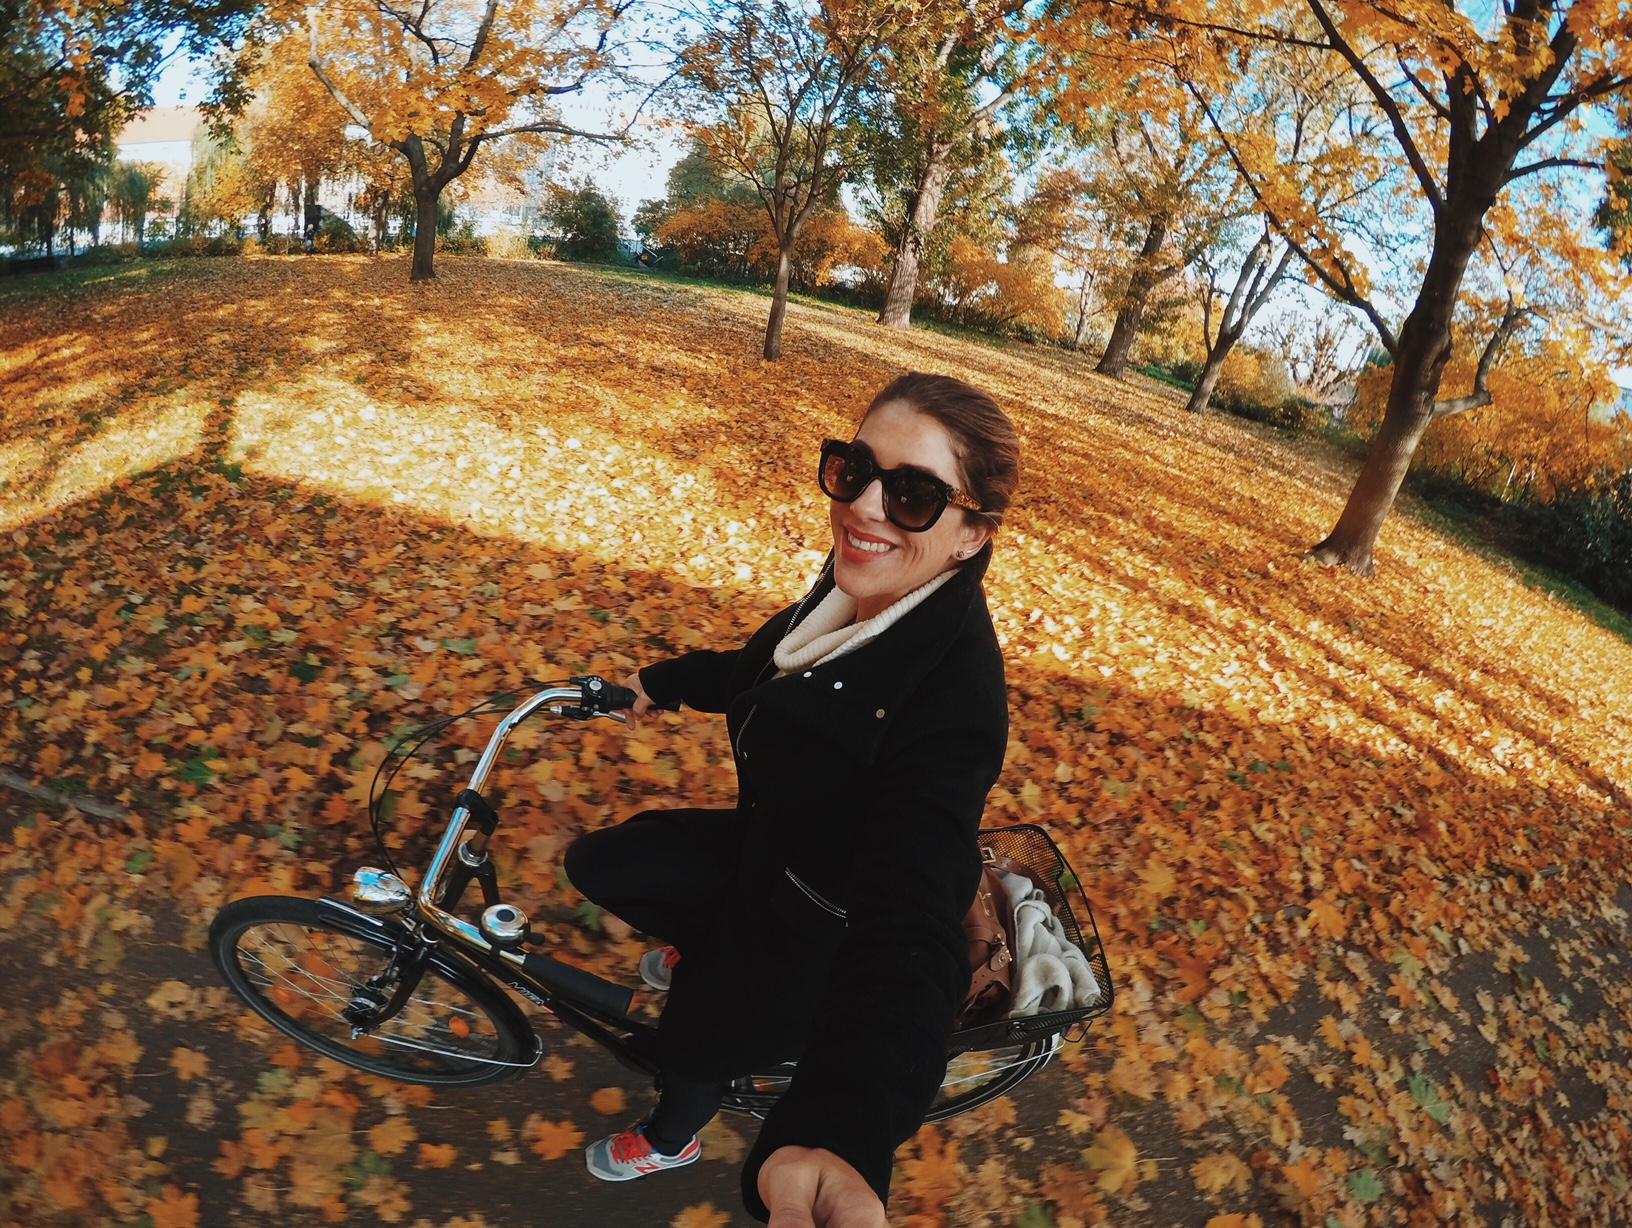 Vida em Berlim - Cidade bike friendly